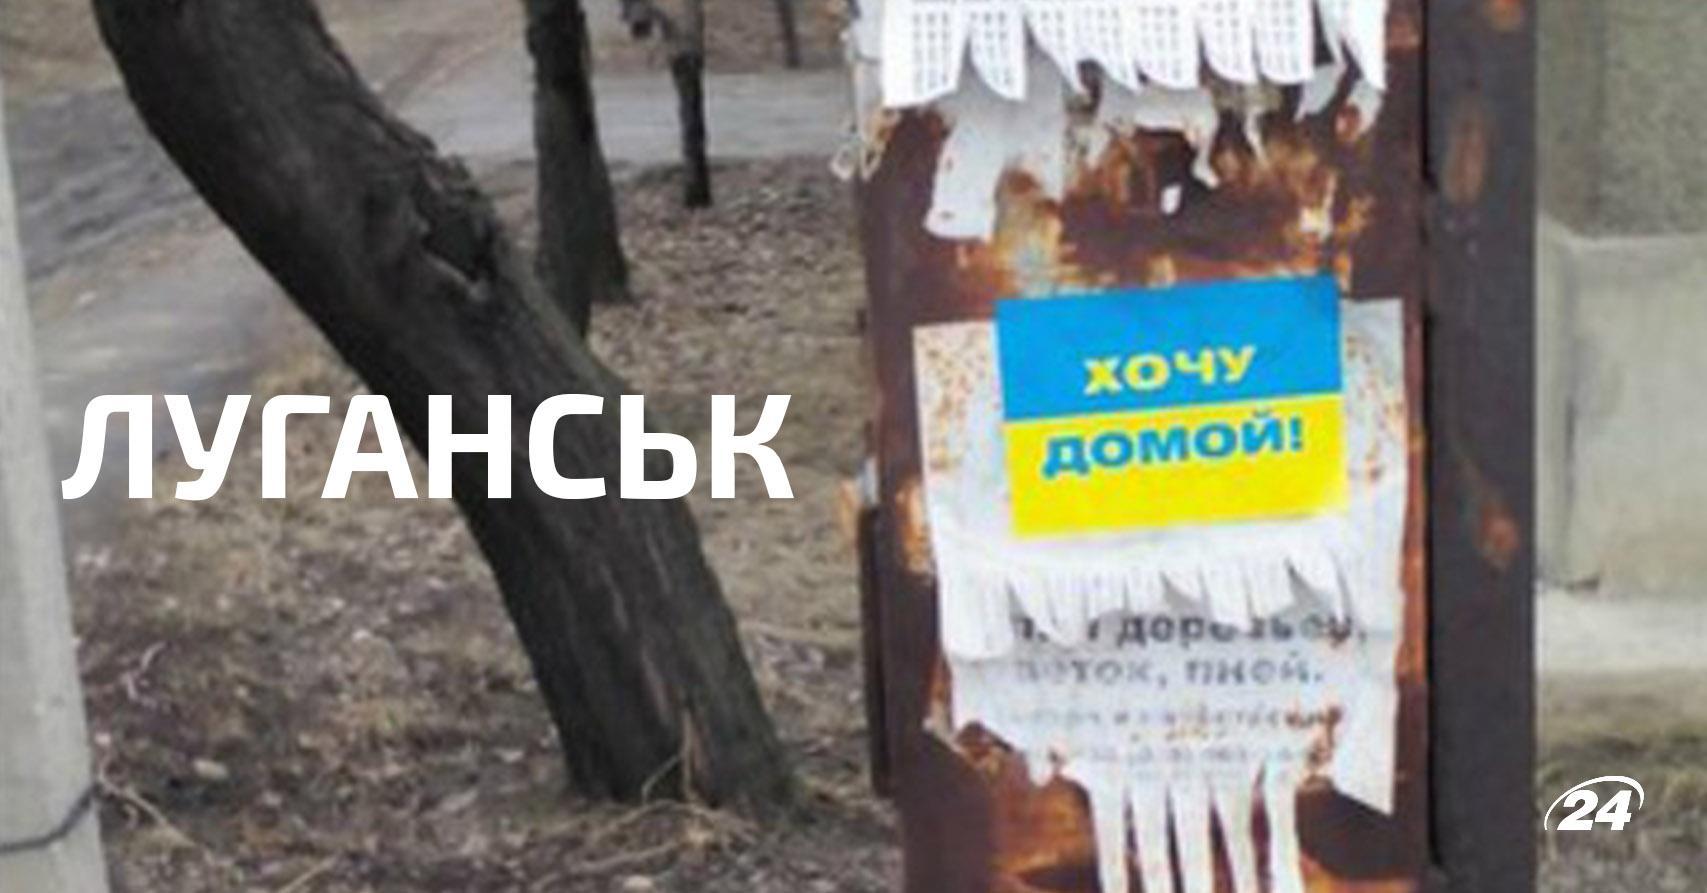 СБУ задержала на Луганщине российского разведчика, - Лубкивский - Цензор.НЕТ 6894